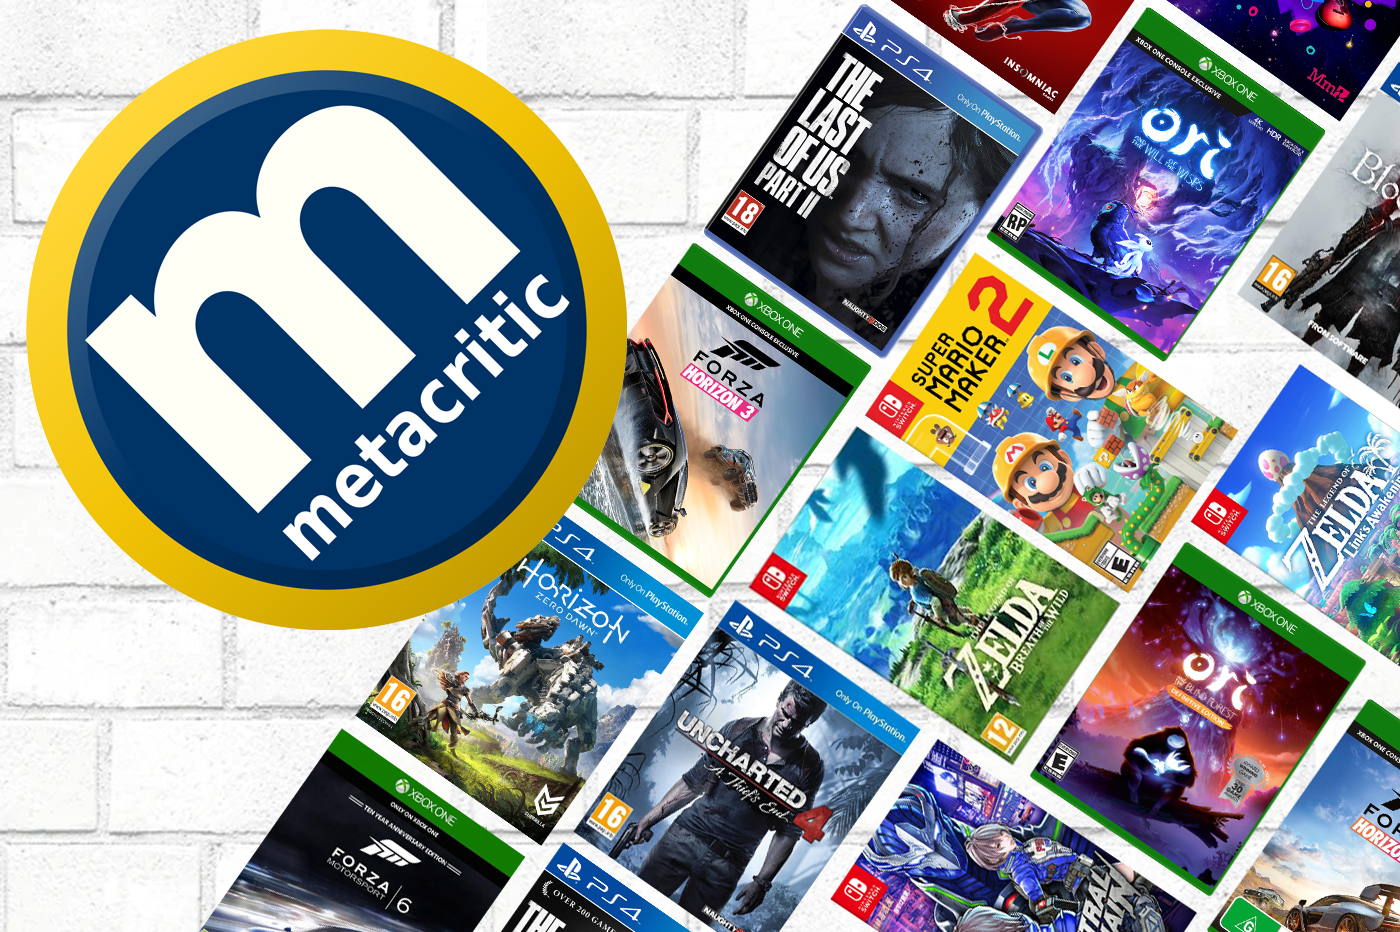 MetaCritic dévoile la liste des 40 meilleurs jeux exclusifs de la génération PS4, Xbox One et Switch (2013-2020)